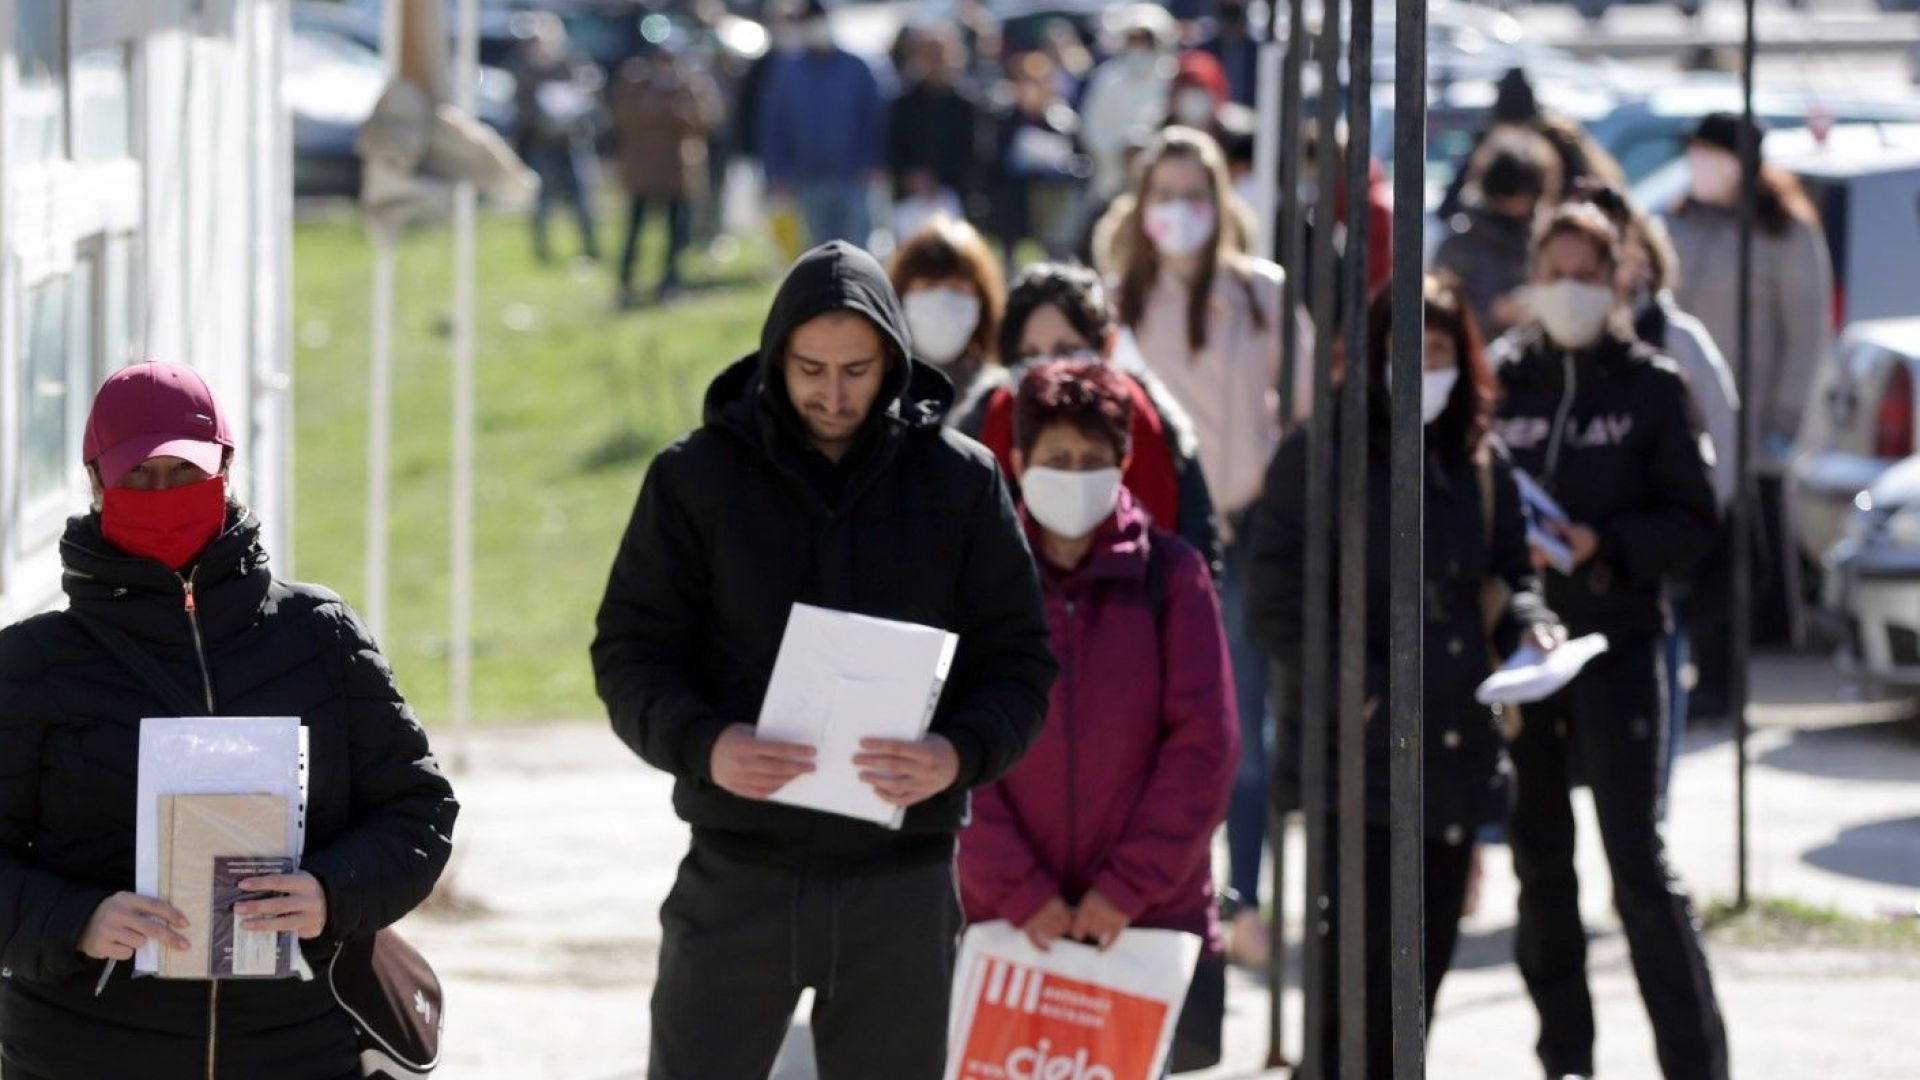 27 извънредни дни - опашки пред бюрата, 61 644 подадени молби за работа